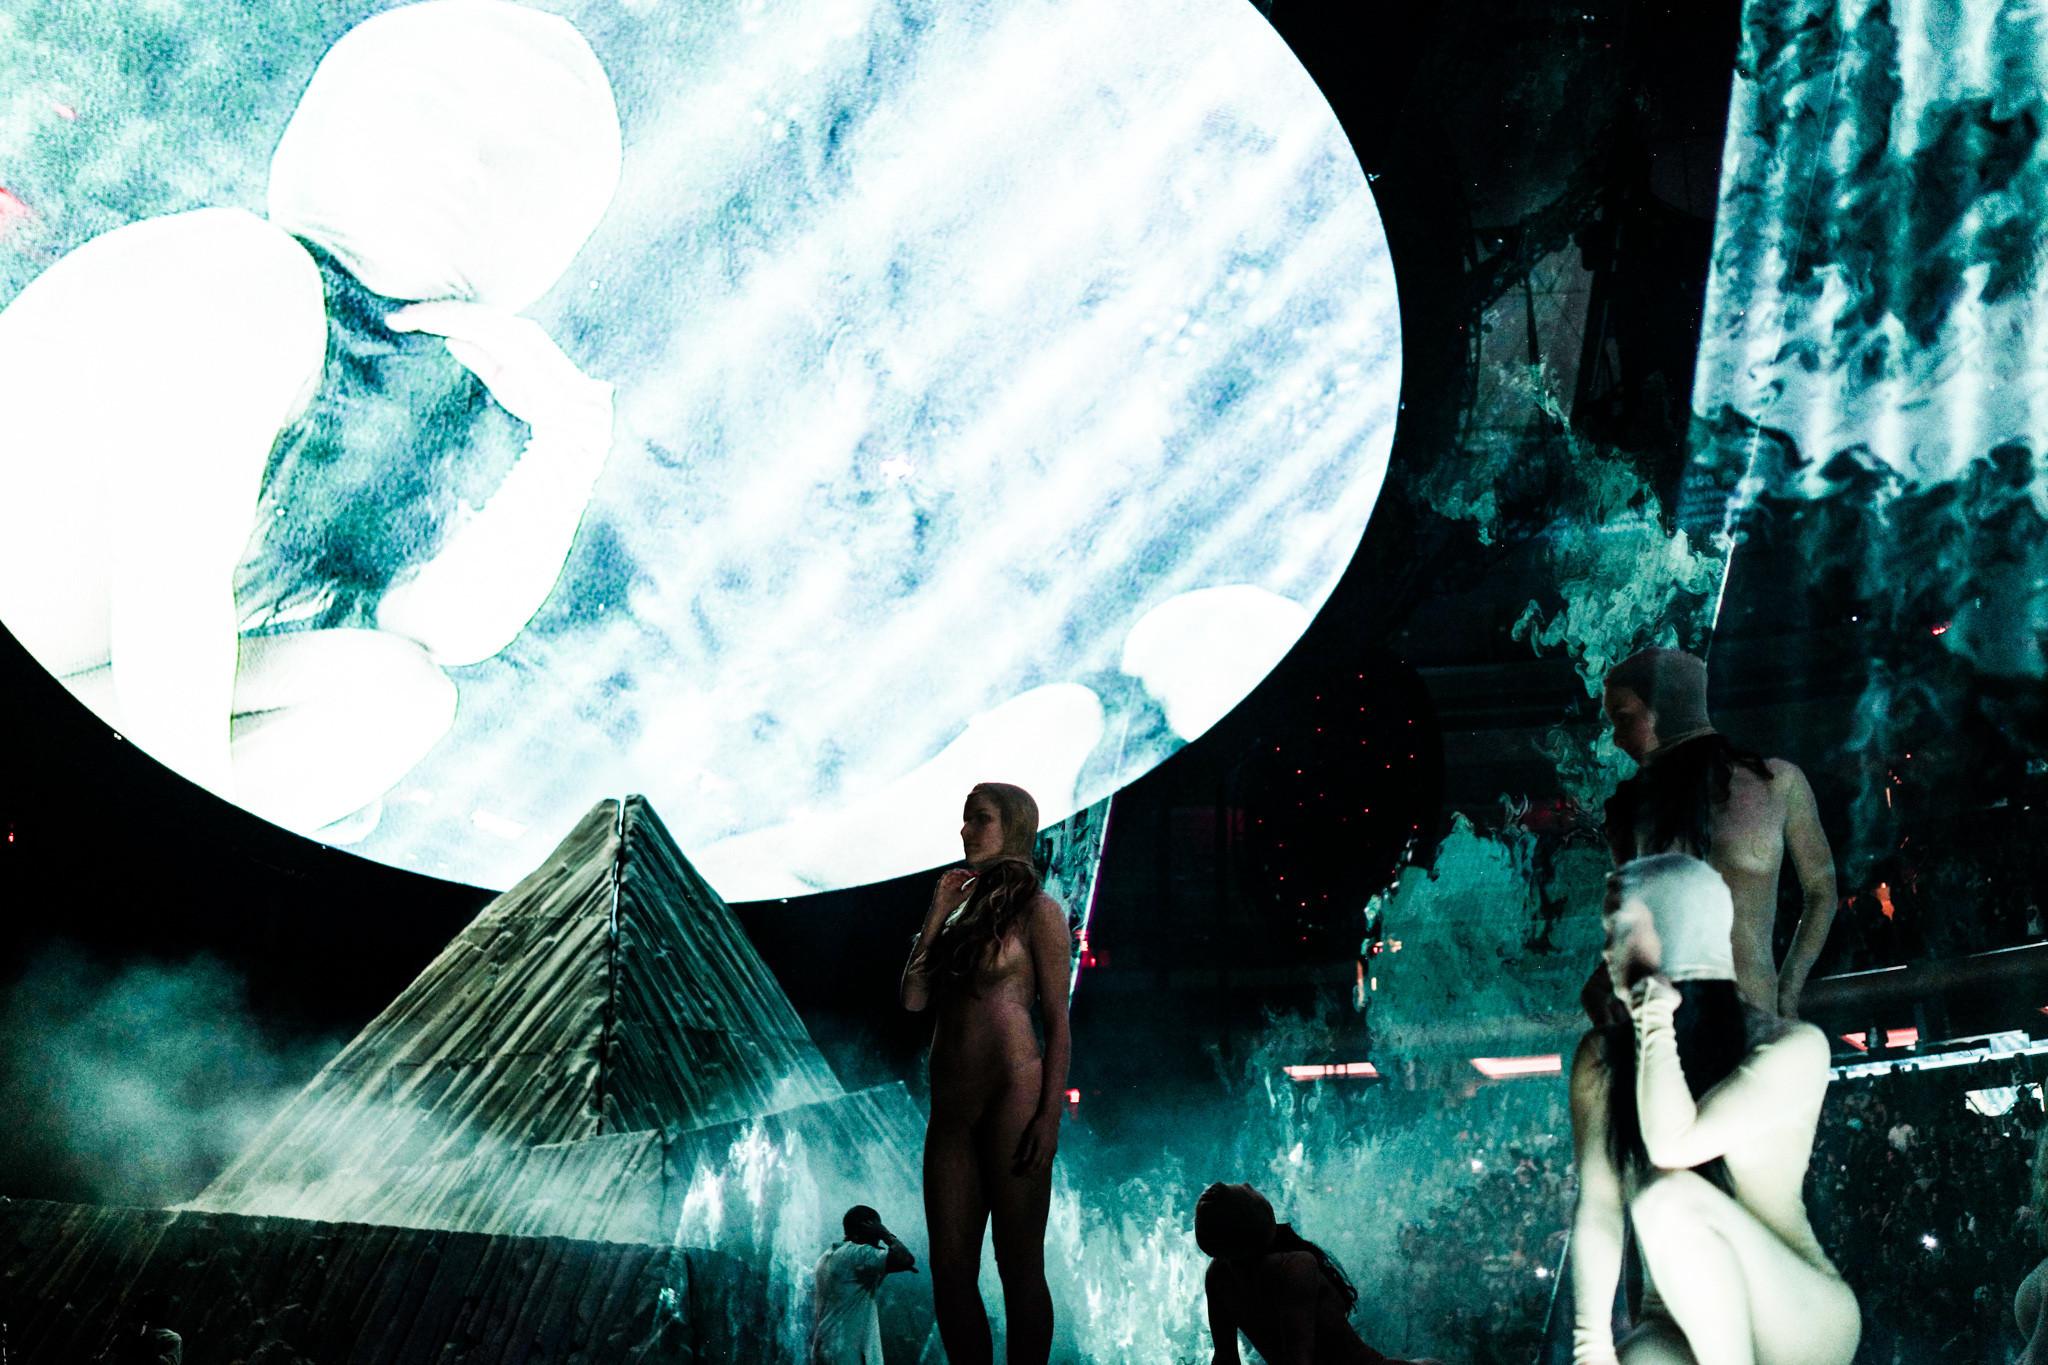 Popular Gallery of Tour Backgrounds: px, Rickey Iadarola